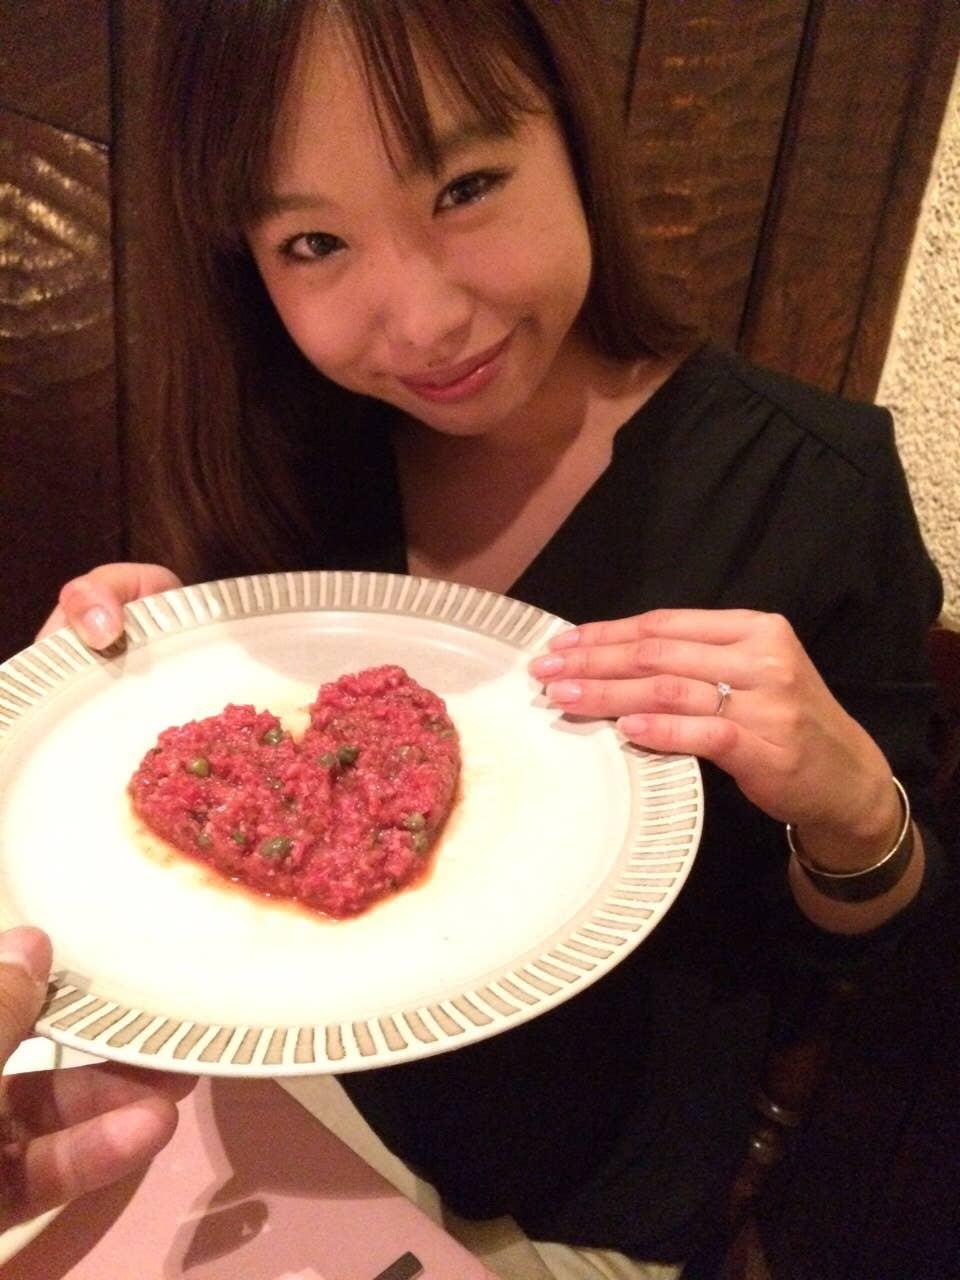 Mayu Sakurai